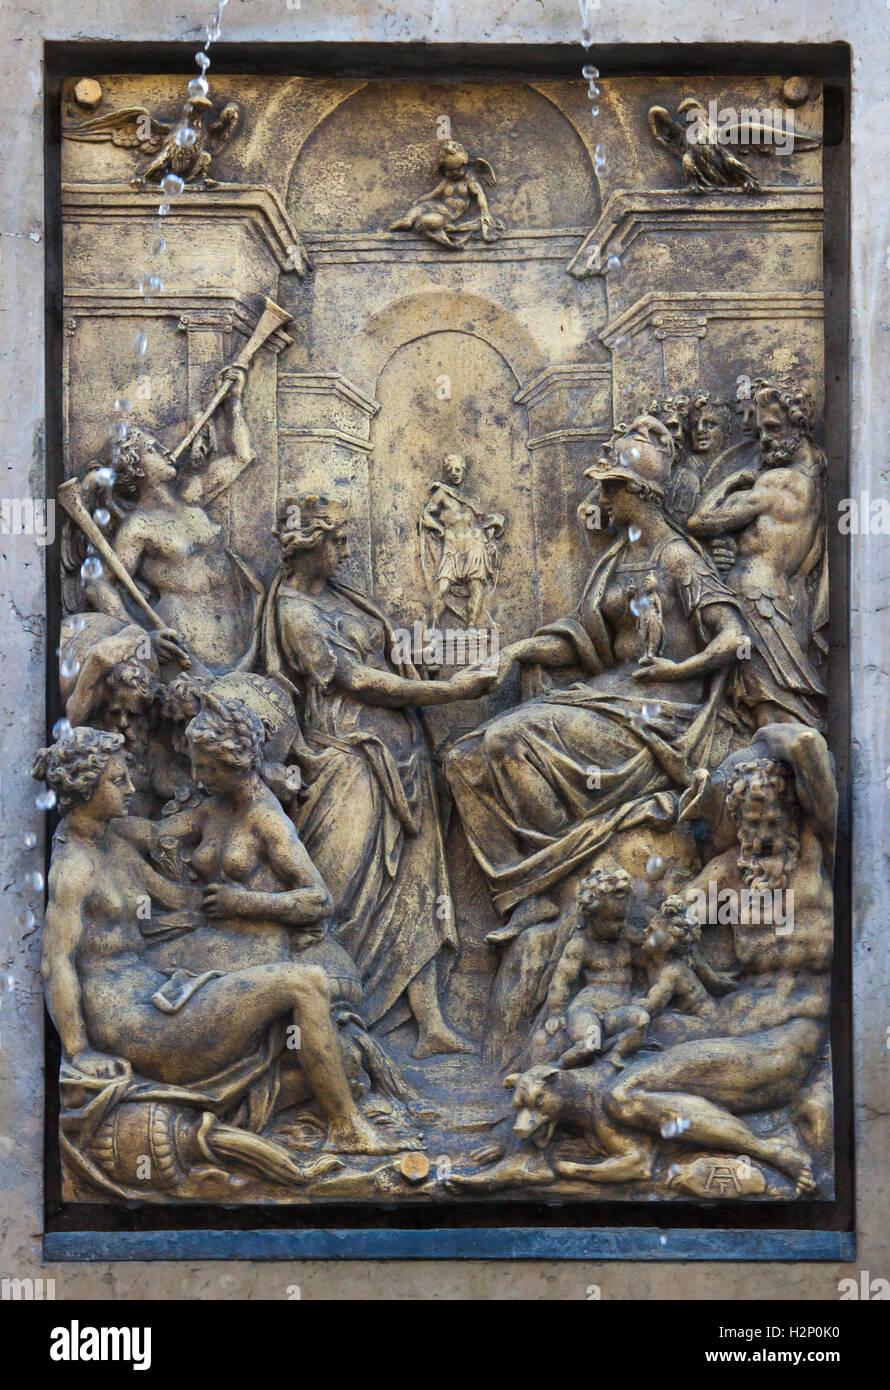 Beziehung zwischen Rom und Augusta Vinelicorum (Augsburg). Vergoldete Bronzerelief des niederländischen Manierismus Stockfoto